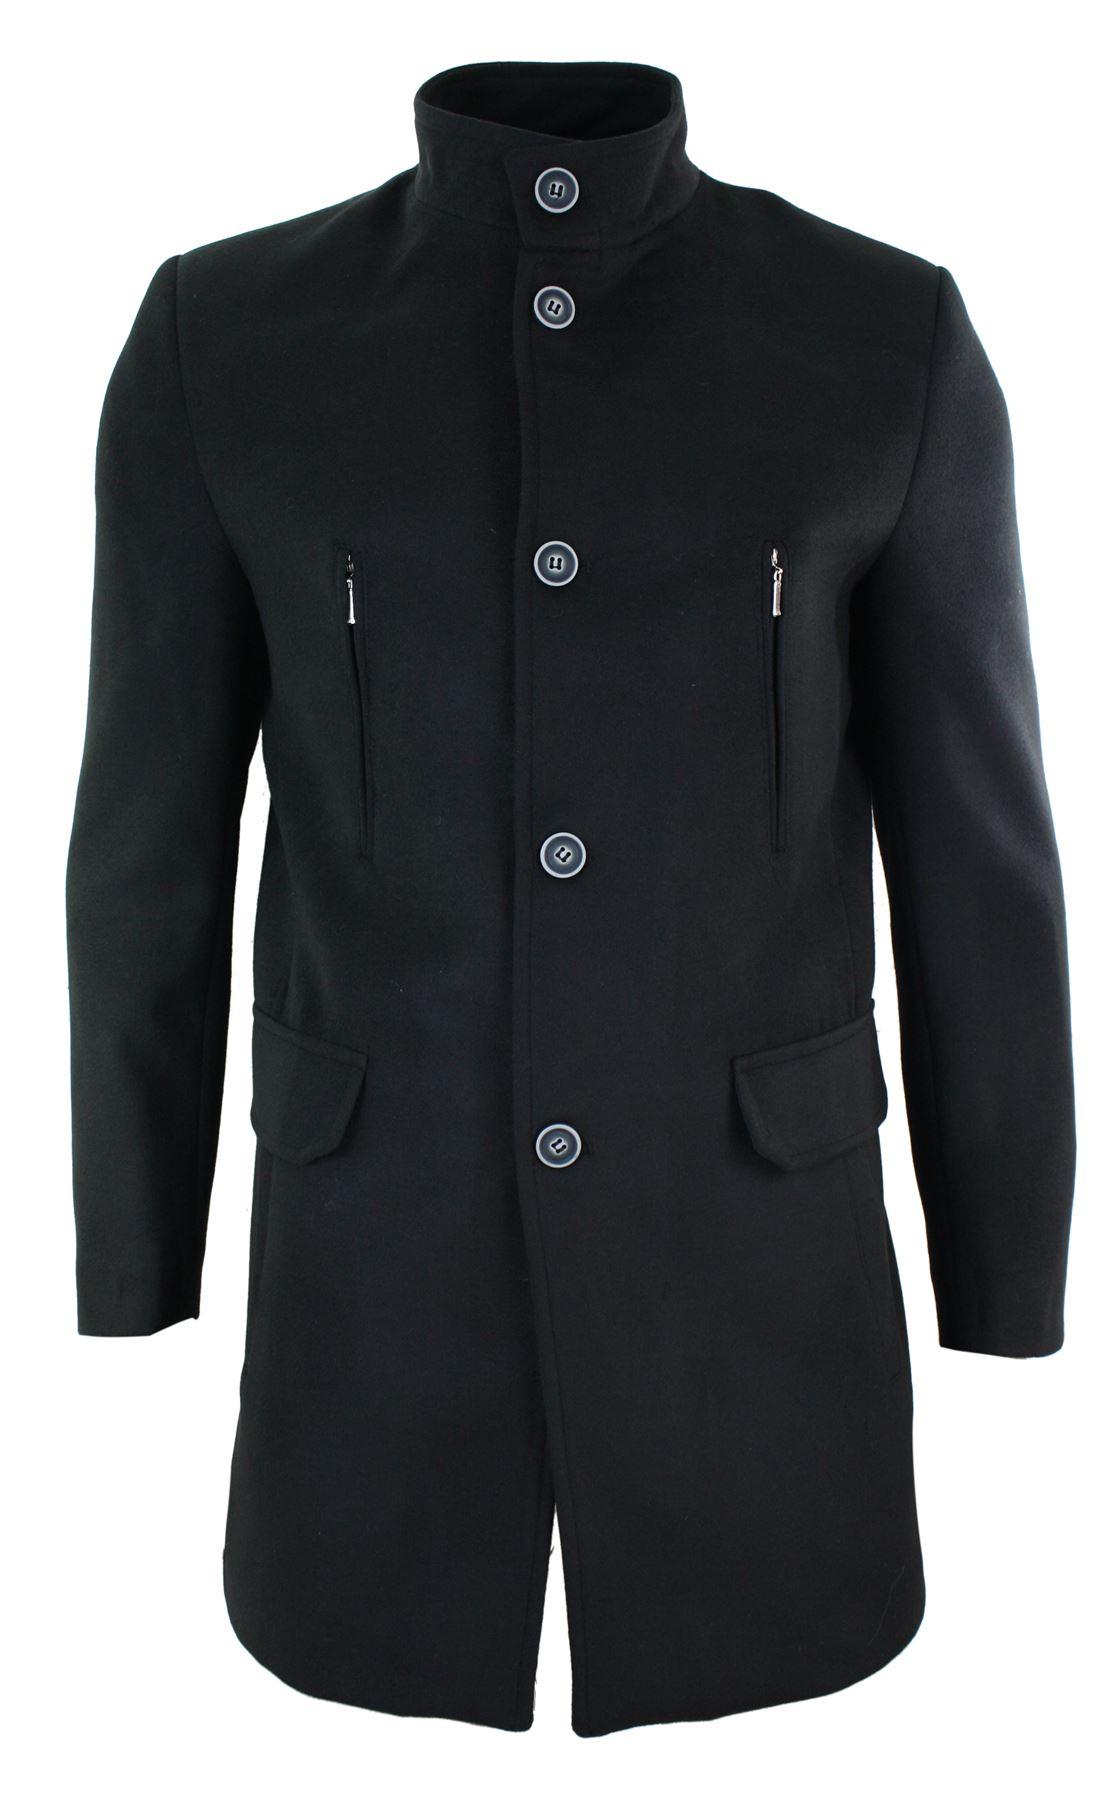 manteau homme veste 3 4 col mao haut laine m lang e style chic et d contract ebay. Black Bedroom Furniture Sets. Home Design Ideas